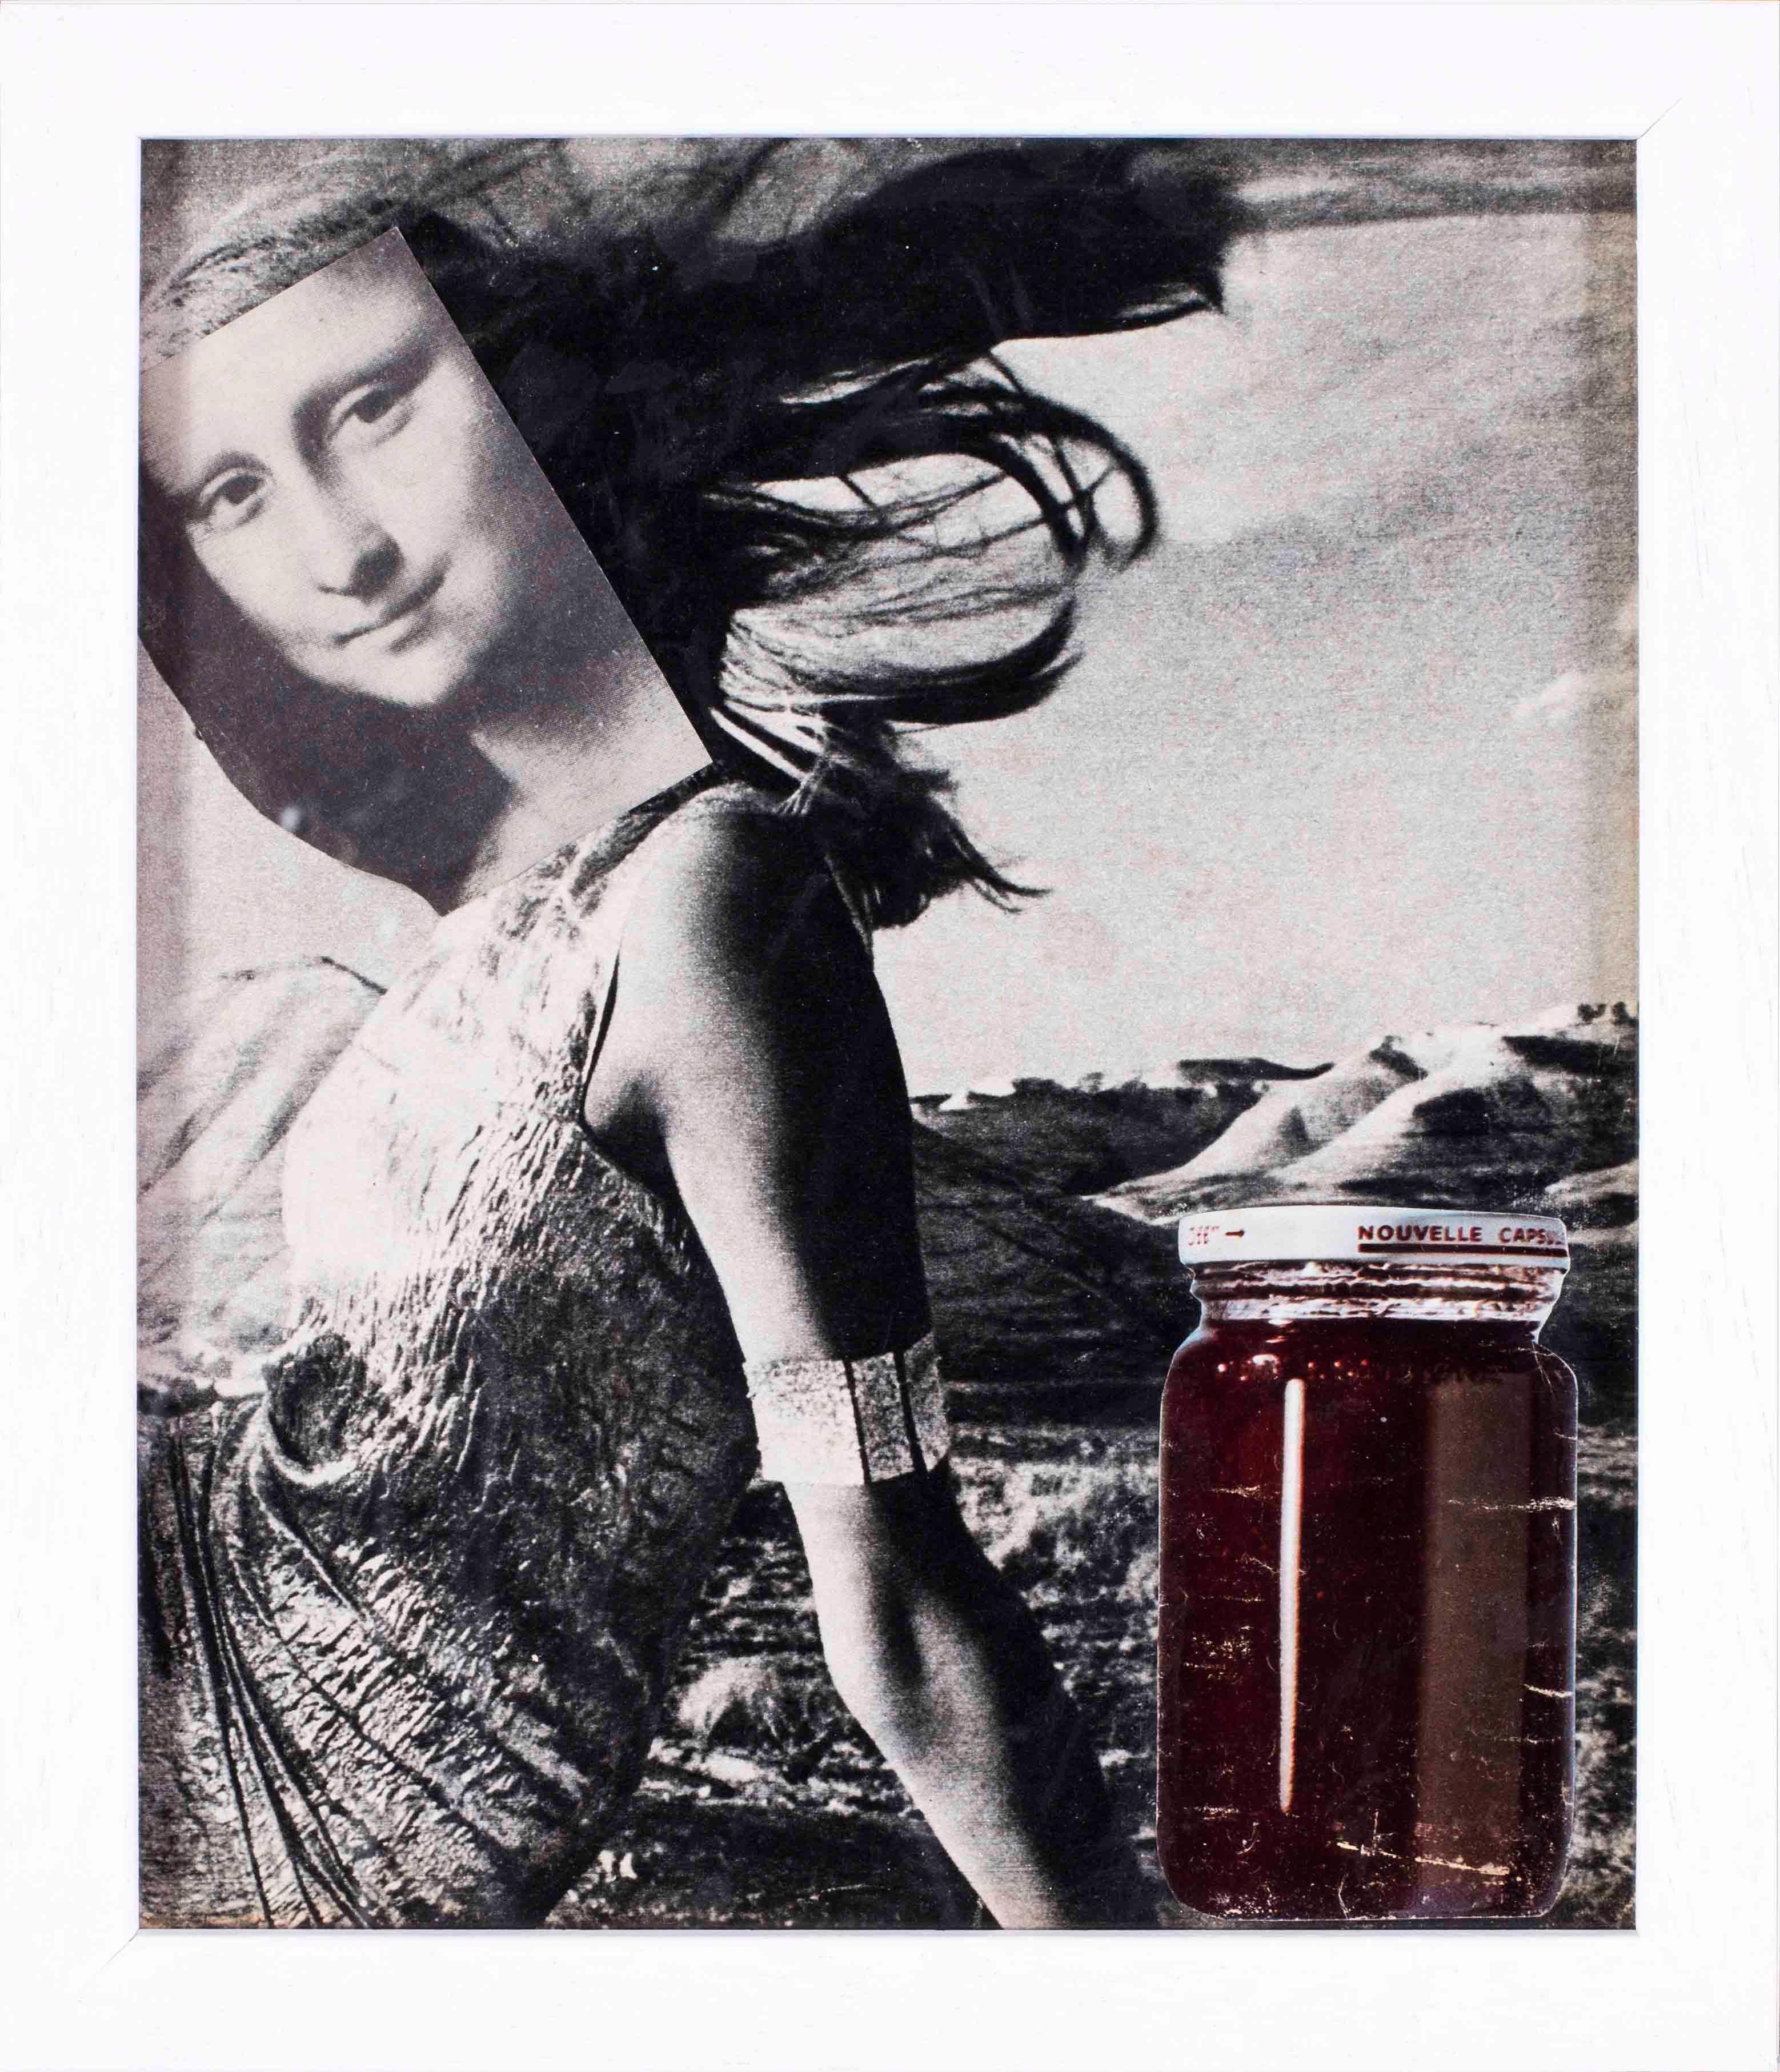 Original 1960's French Pop Art collage by Pierre Jourda 'Joconfiture'